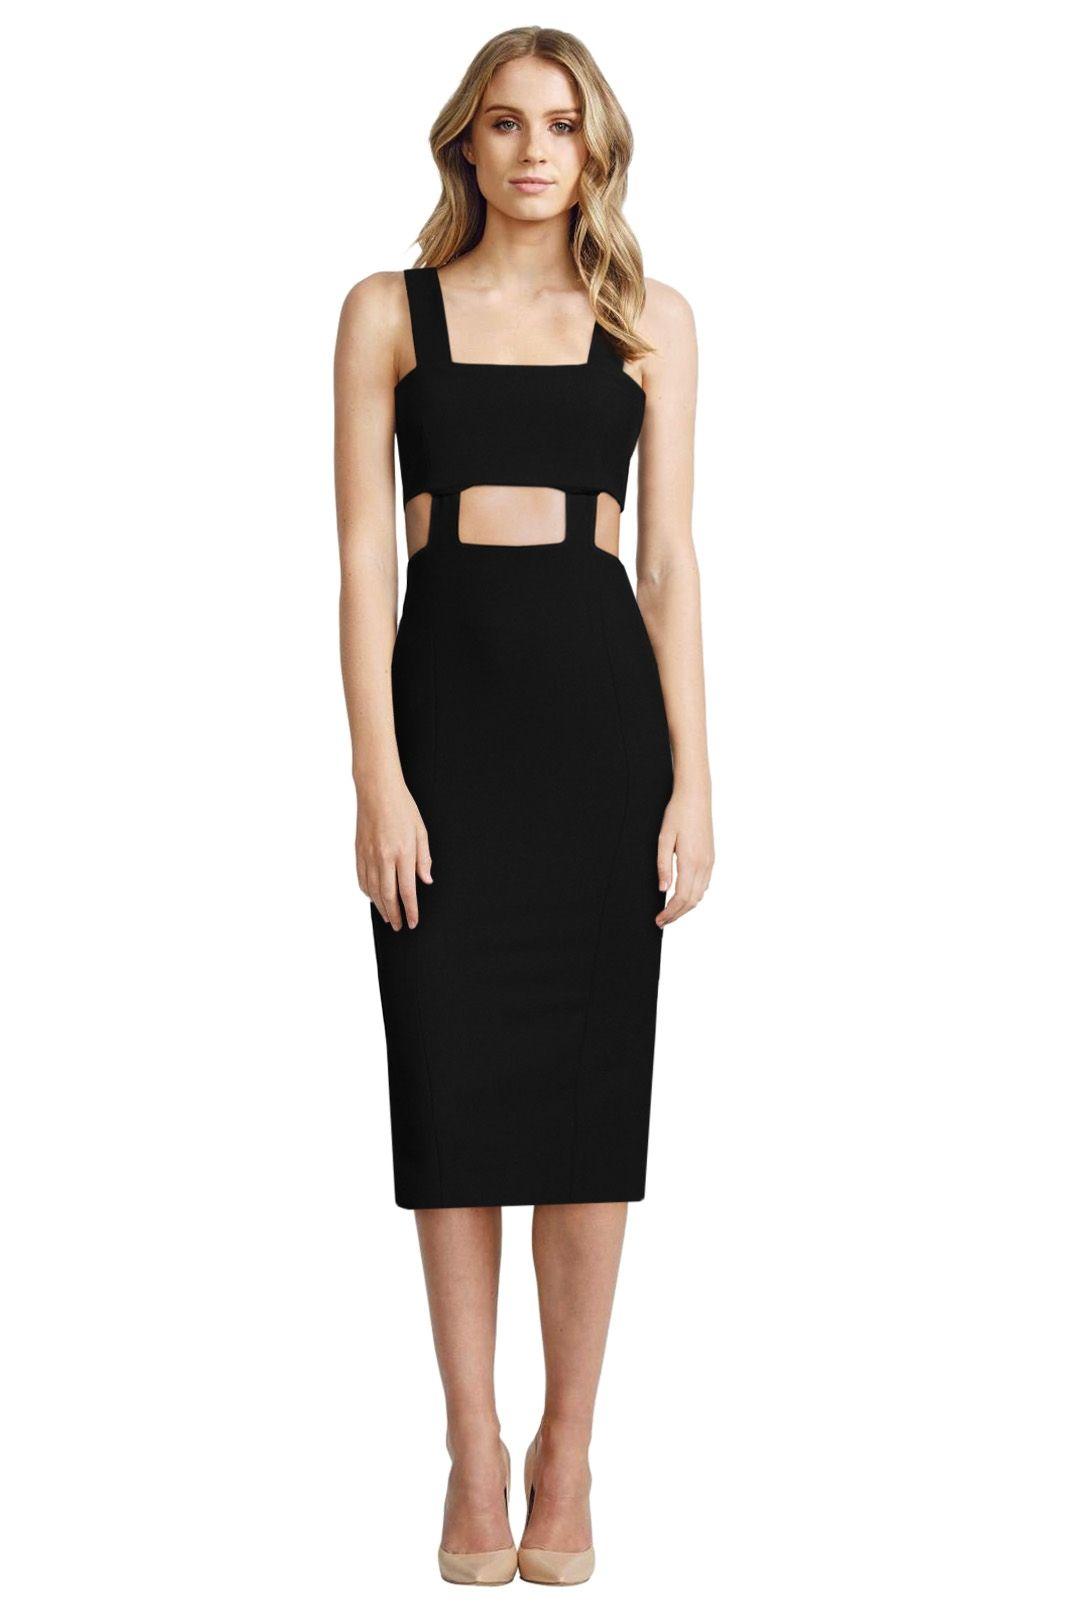 Cinq a Sept - Celeste Dress - Black - Front